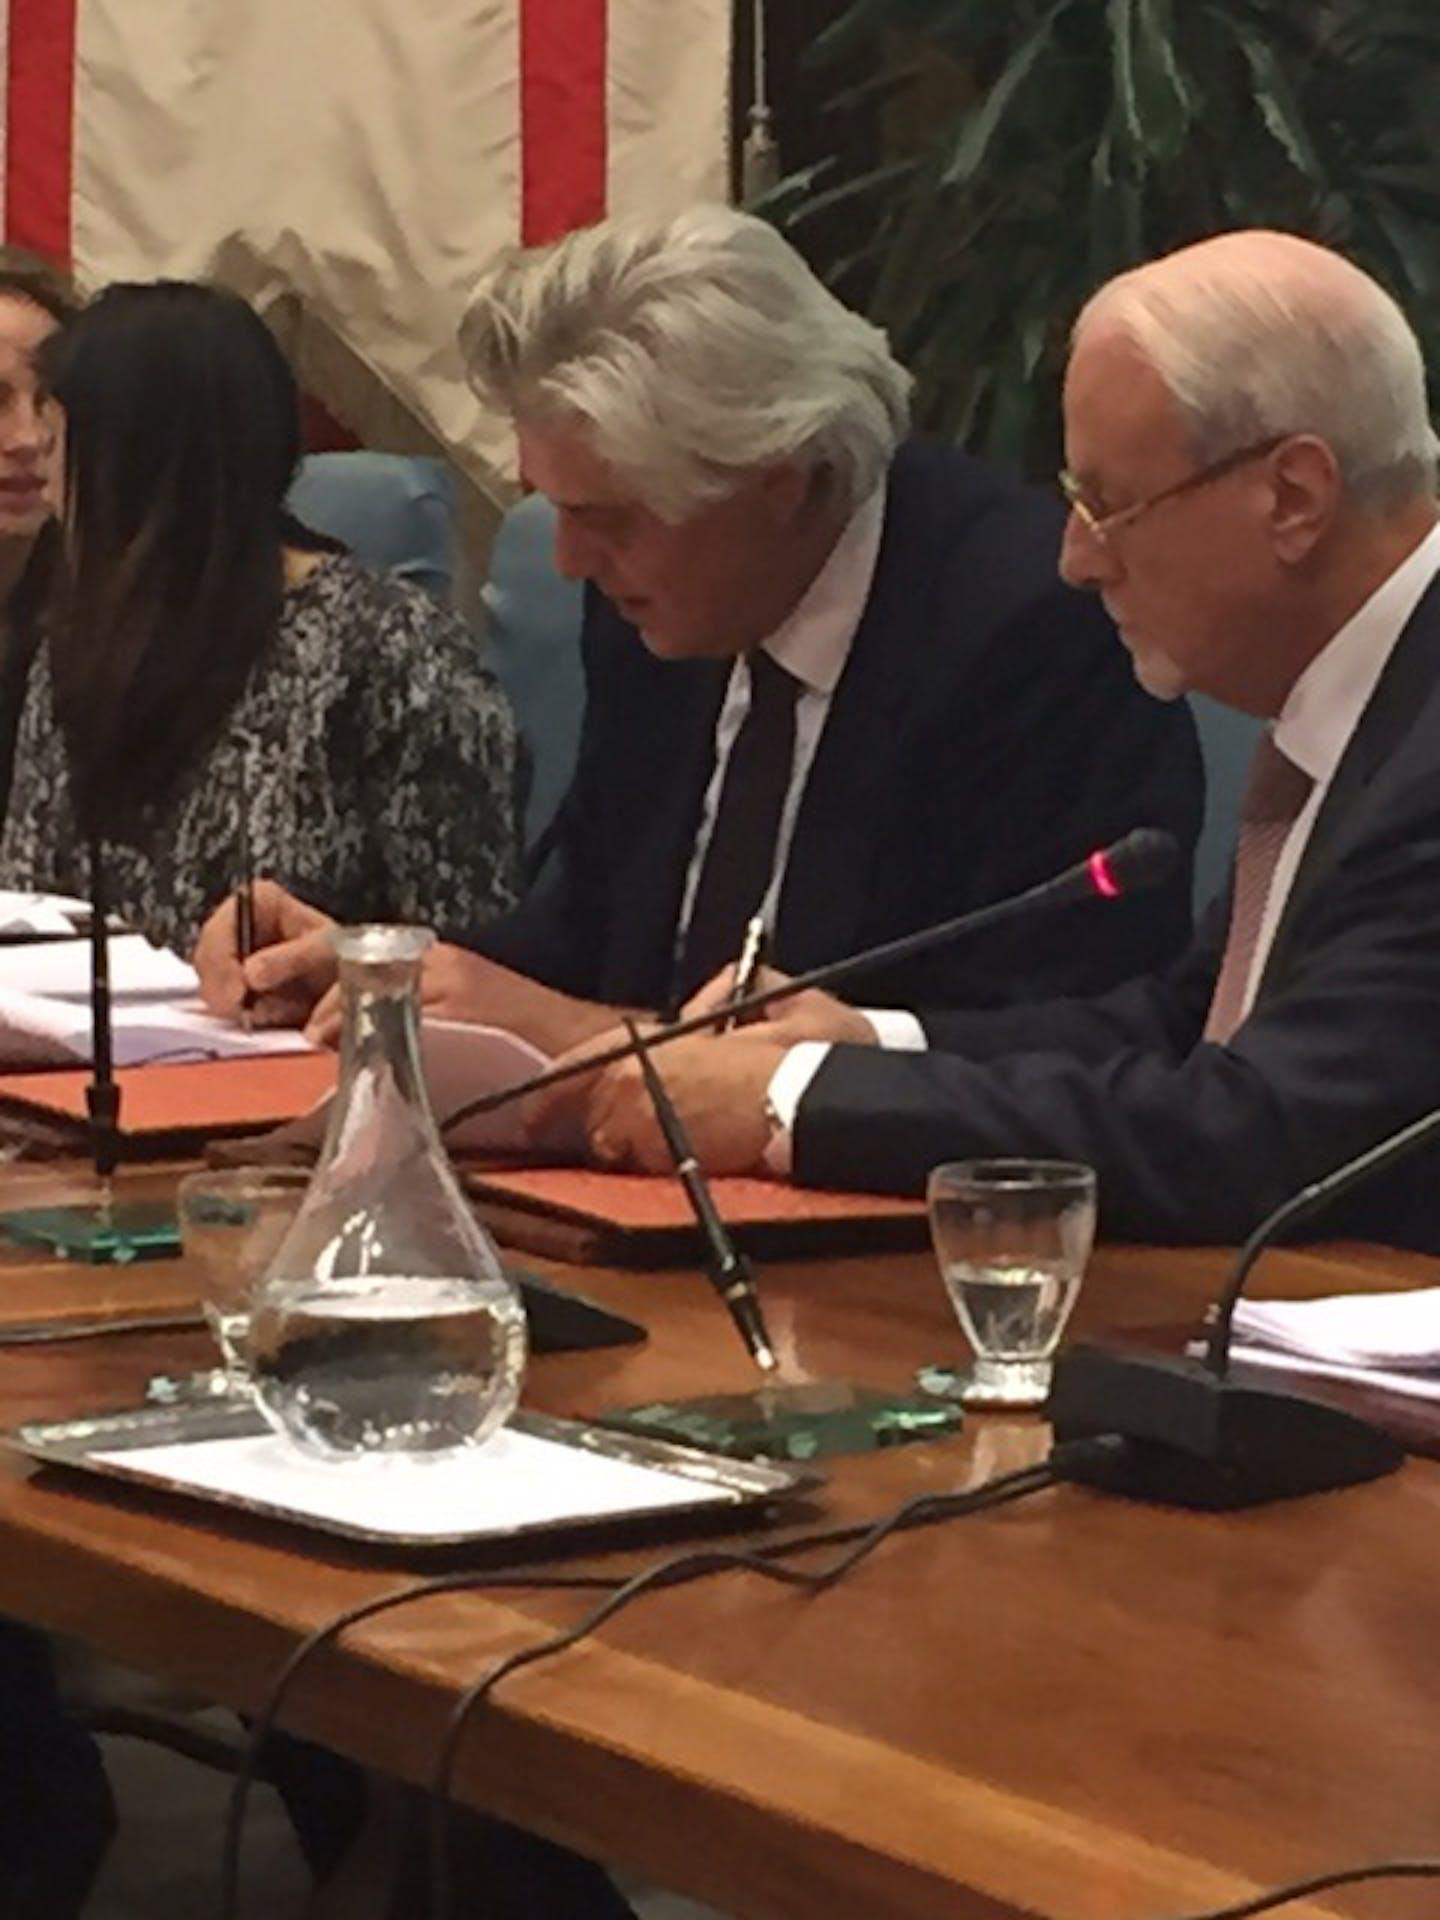 La firma del Protocollo di Intesa: l'assessore alla salute della Regione Toscana Luigi Marroni (sin.) e il presidente dell'UNICEF Italia Giacomo Guerrera - ©UNICEF Italia/2014/Elise Chapin